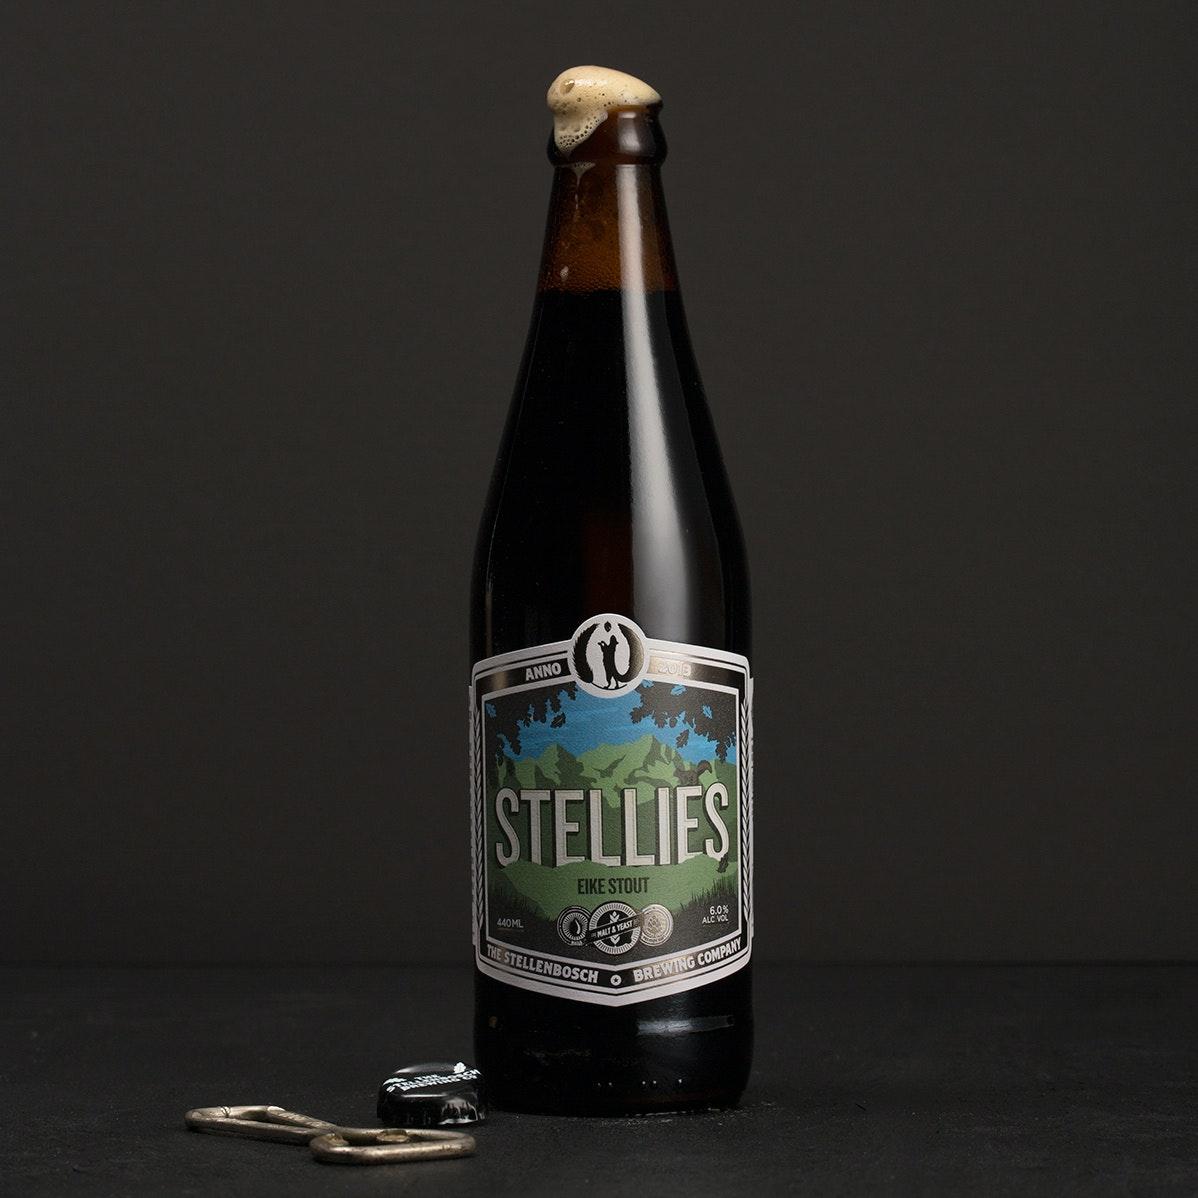 Stellie's beer label